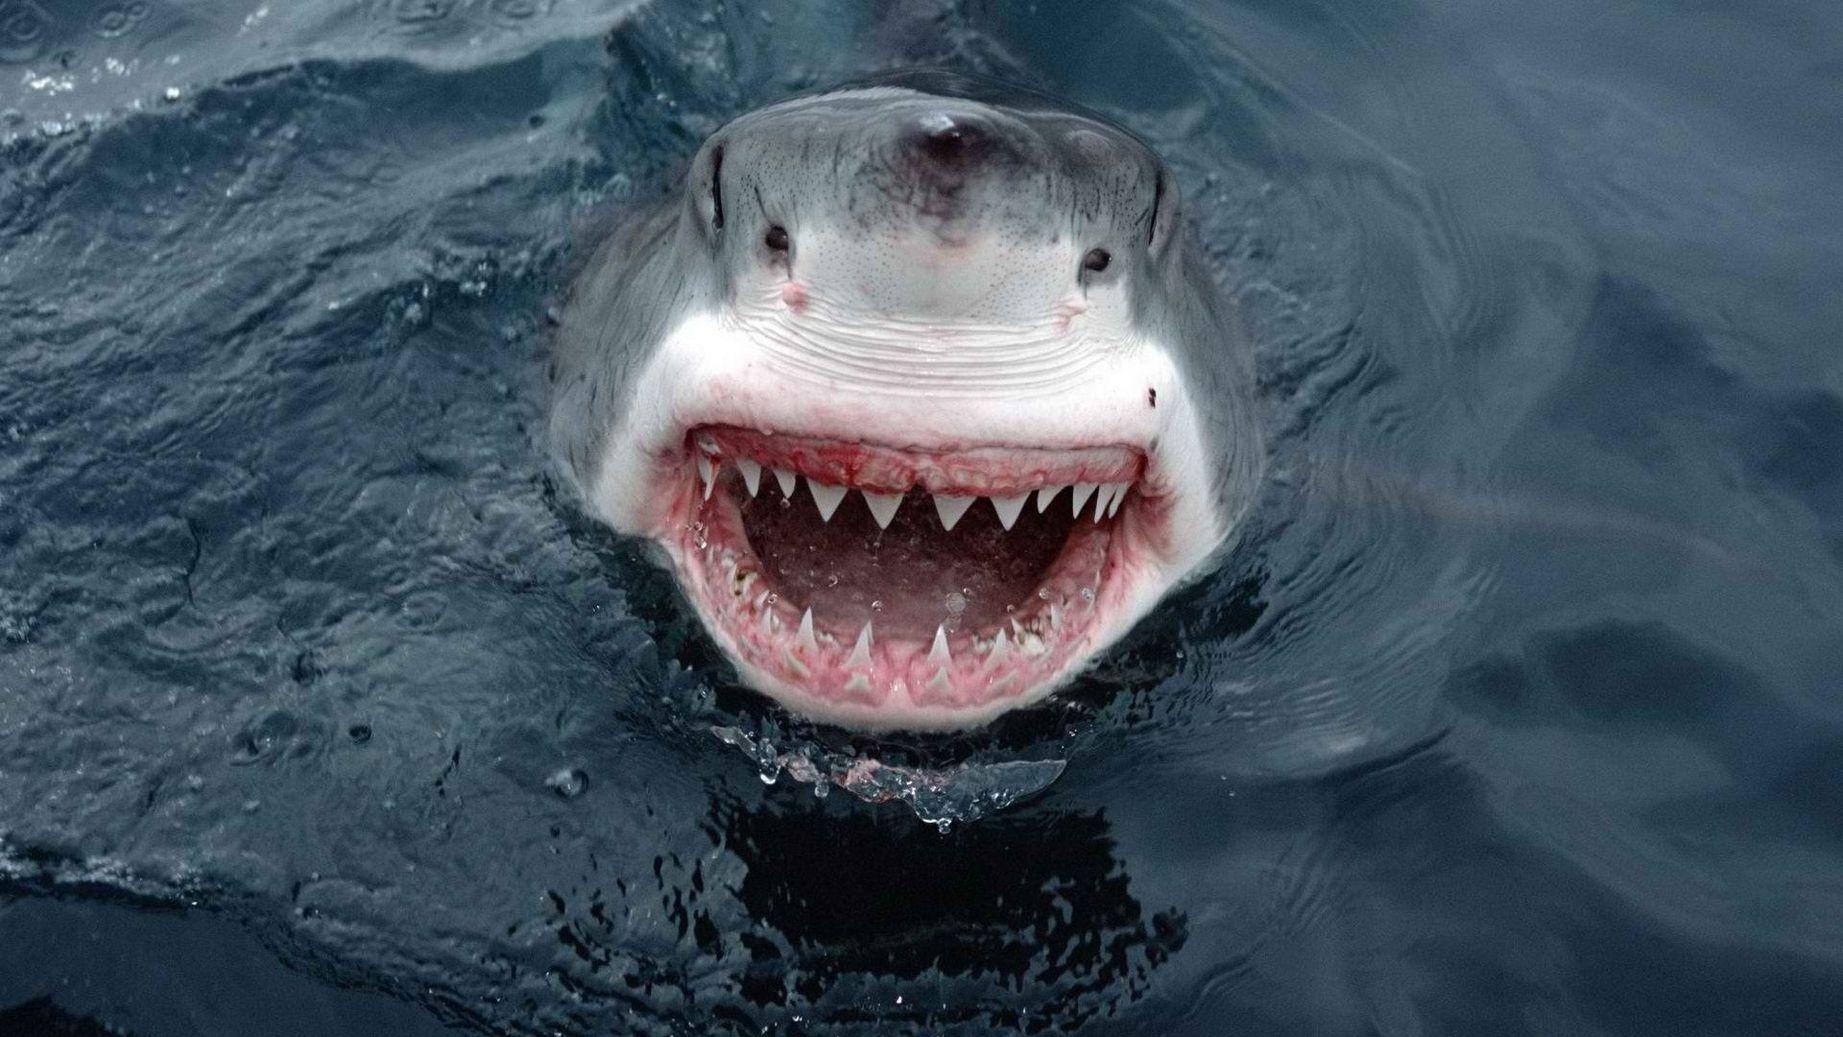 приколы про акул фото совершенно верно, майя